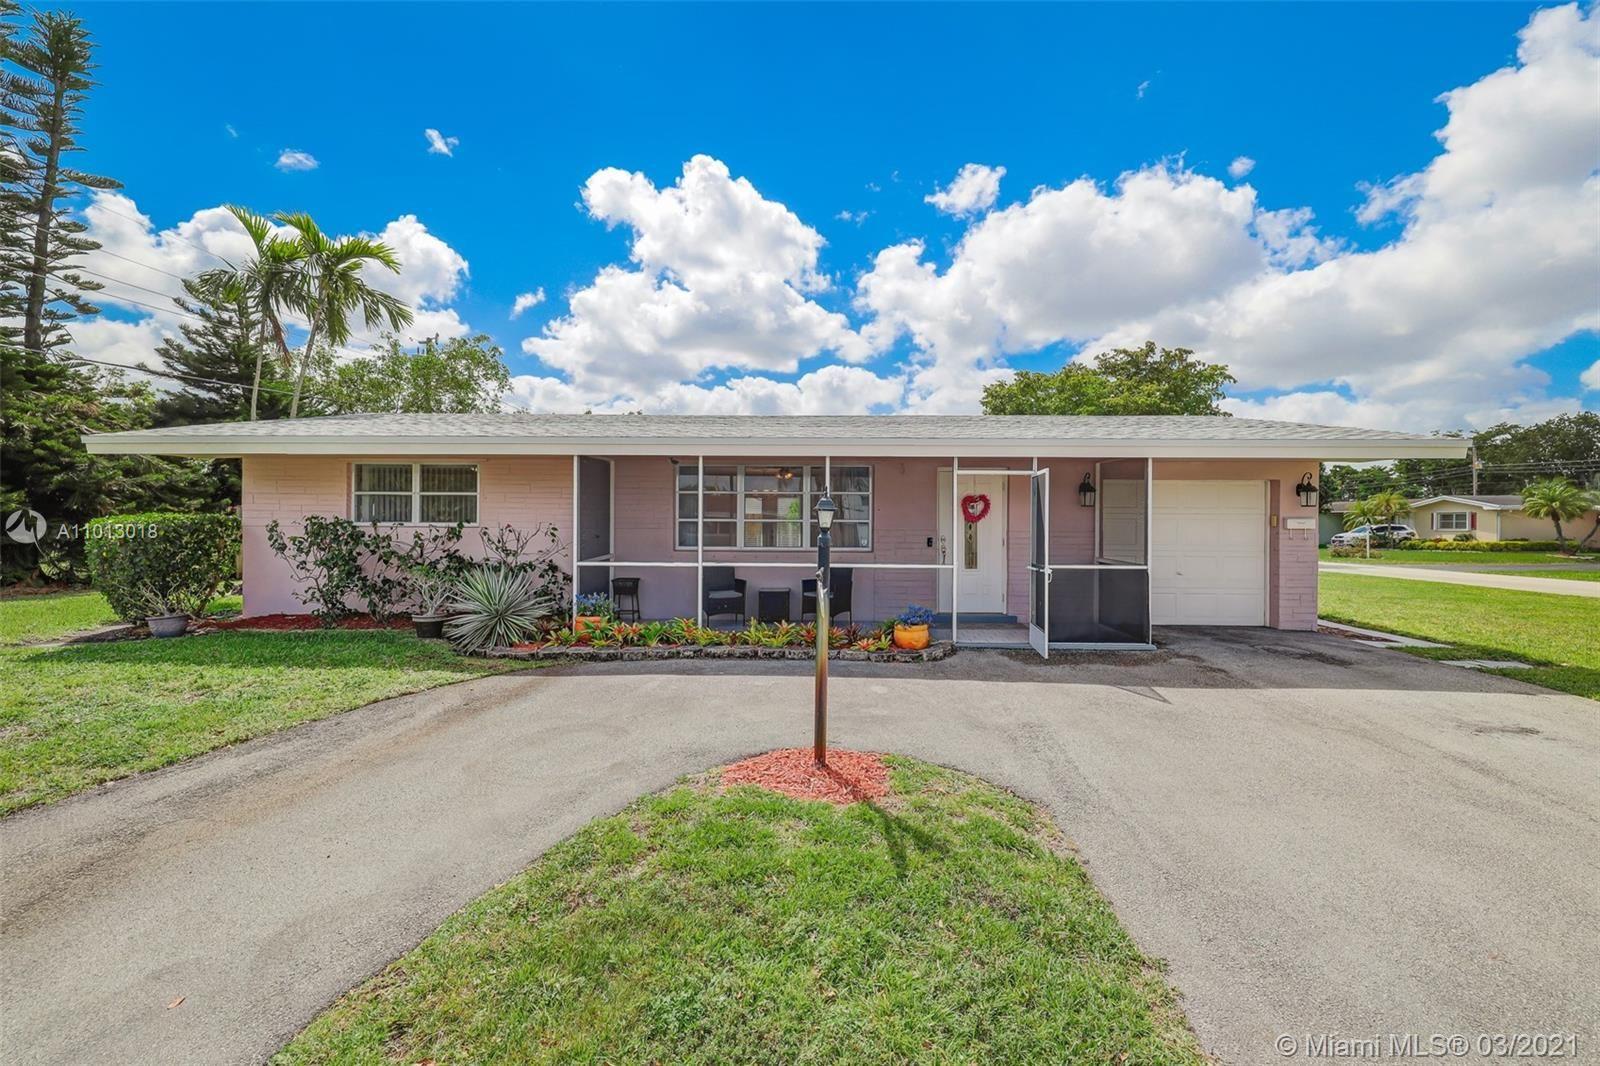 7920 NW 16th St, Pembroke Pines, FL 33024 - #: A11013018